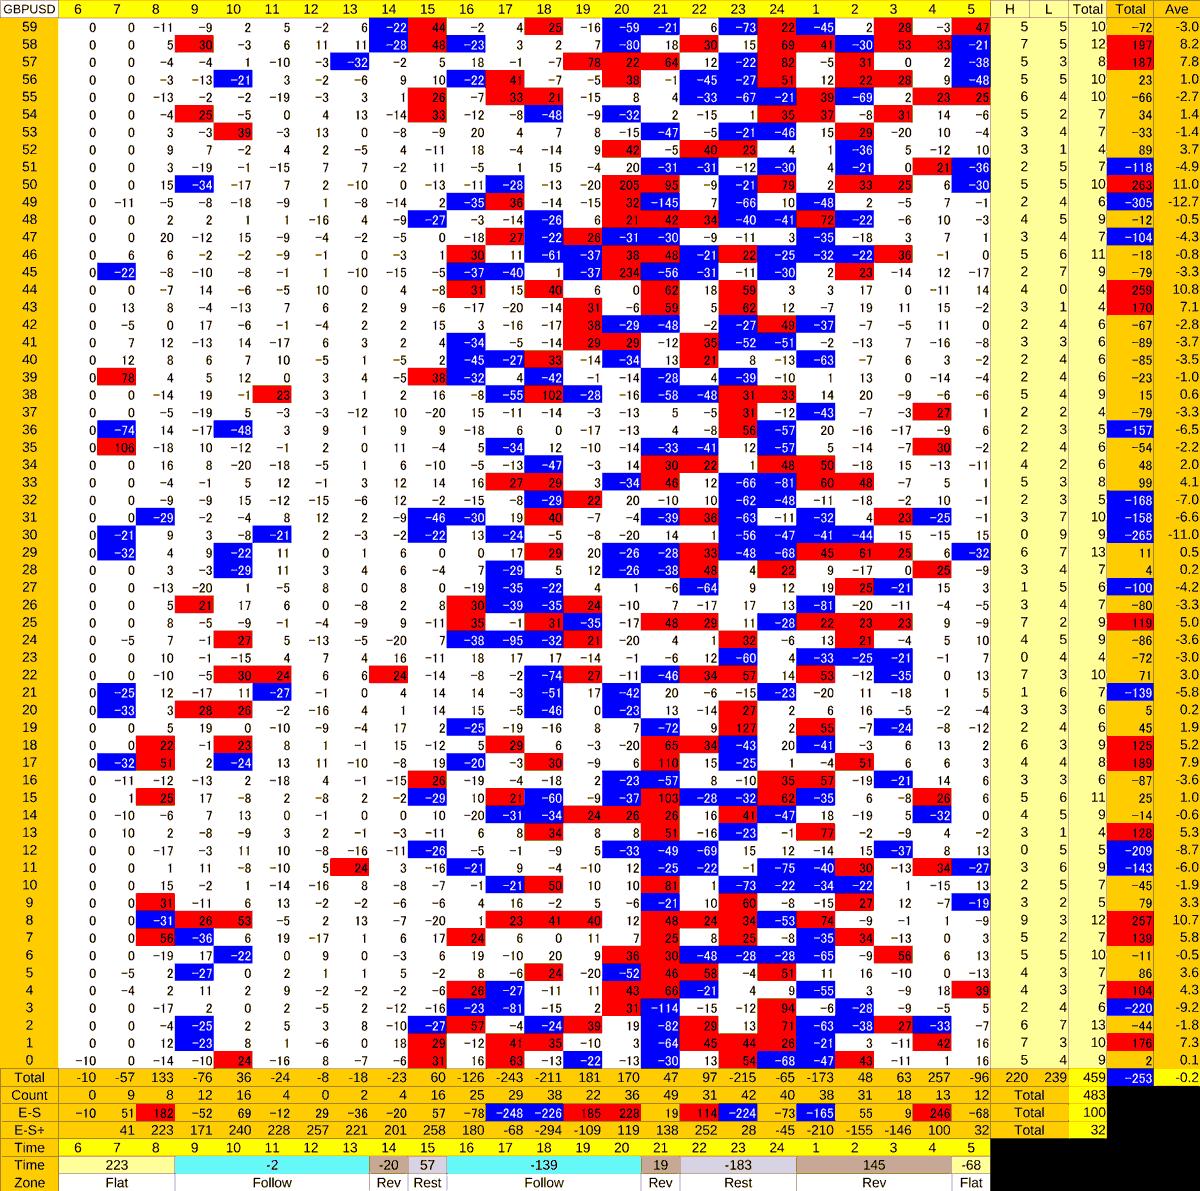 20201109_HS(2)GBPUSD